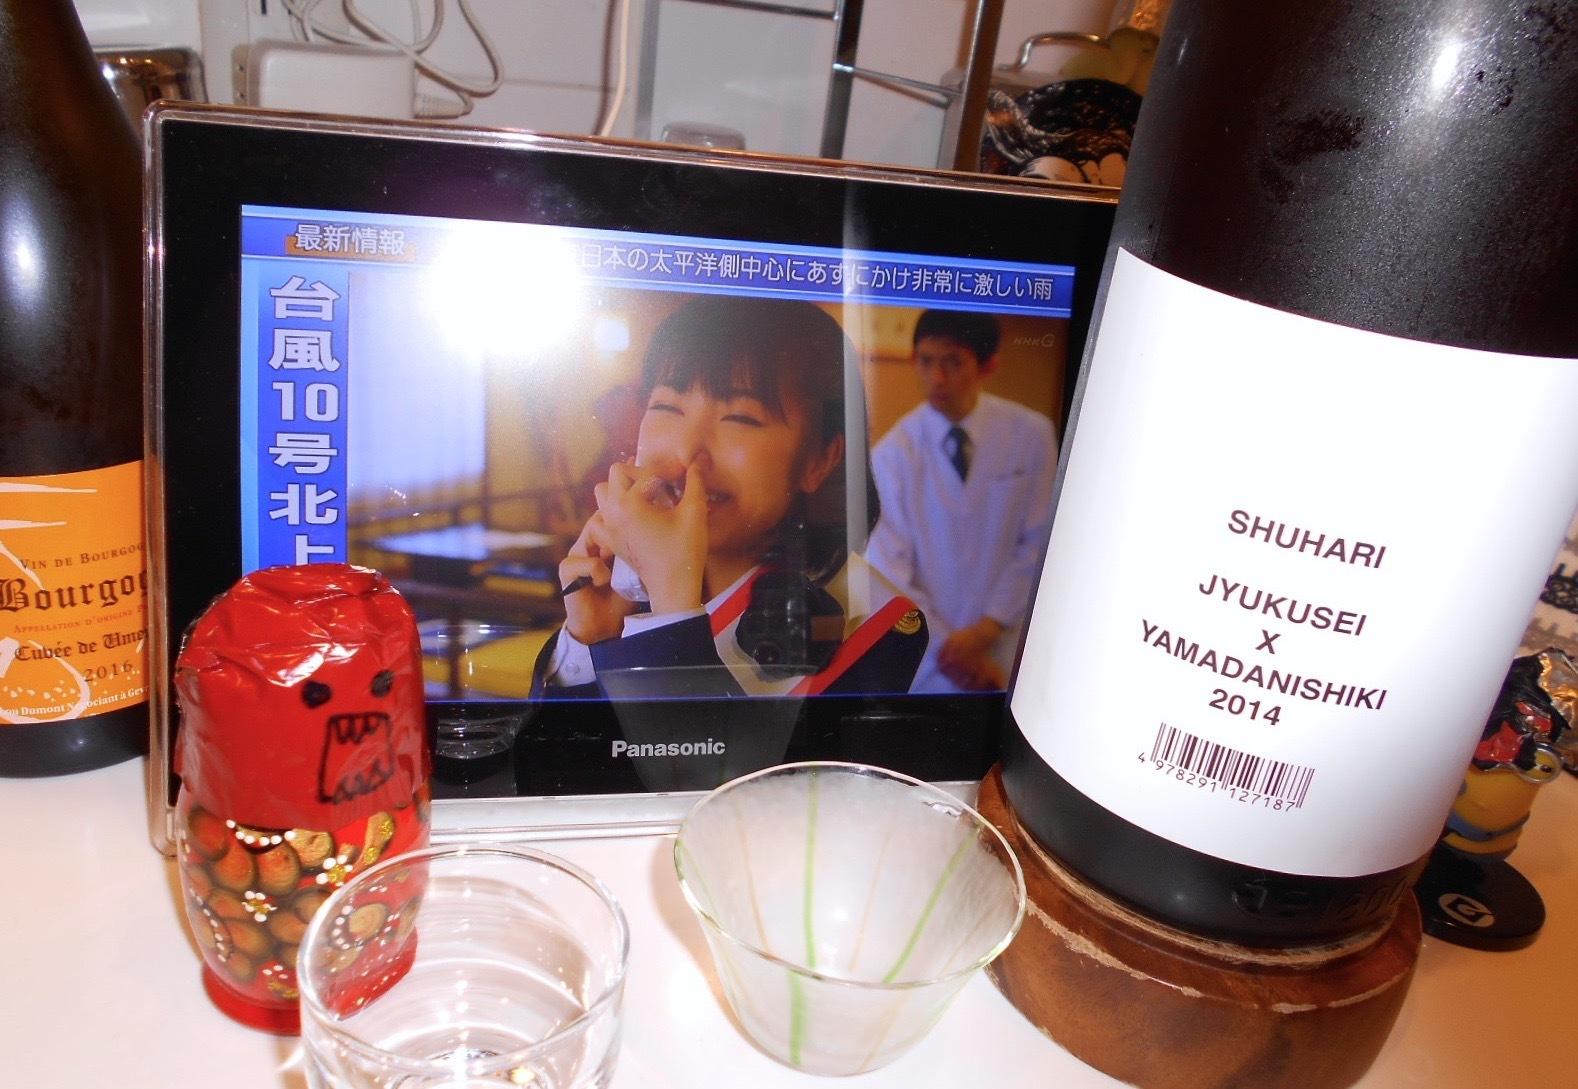 shuhari_jukusei_yamadanishiki26by7.jpg